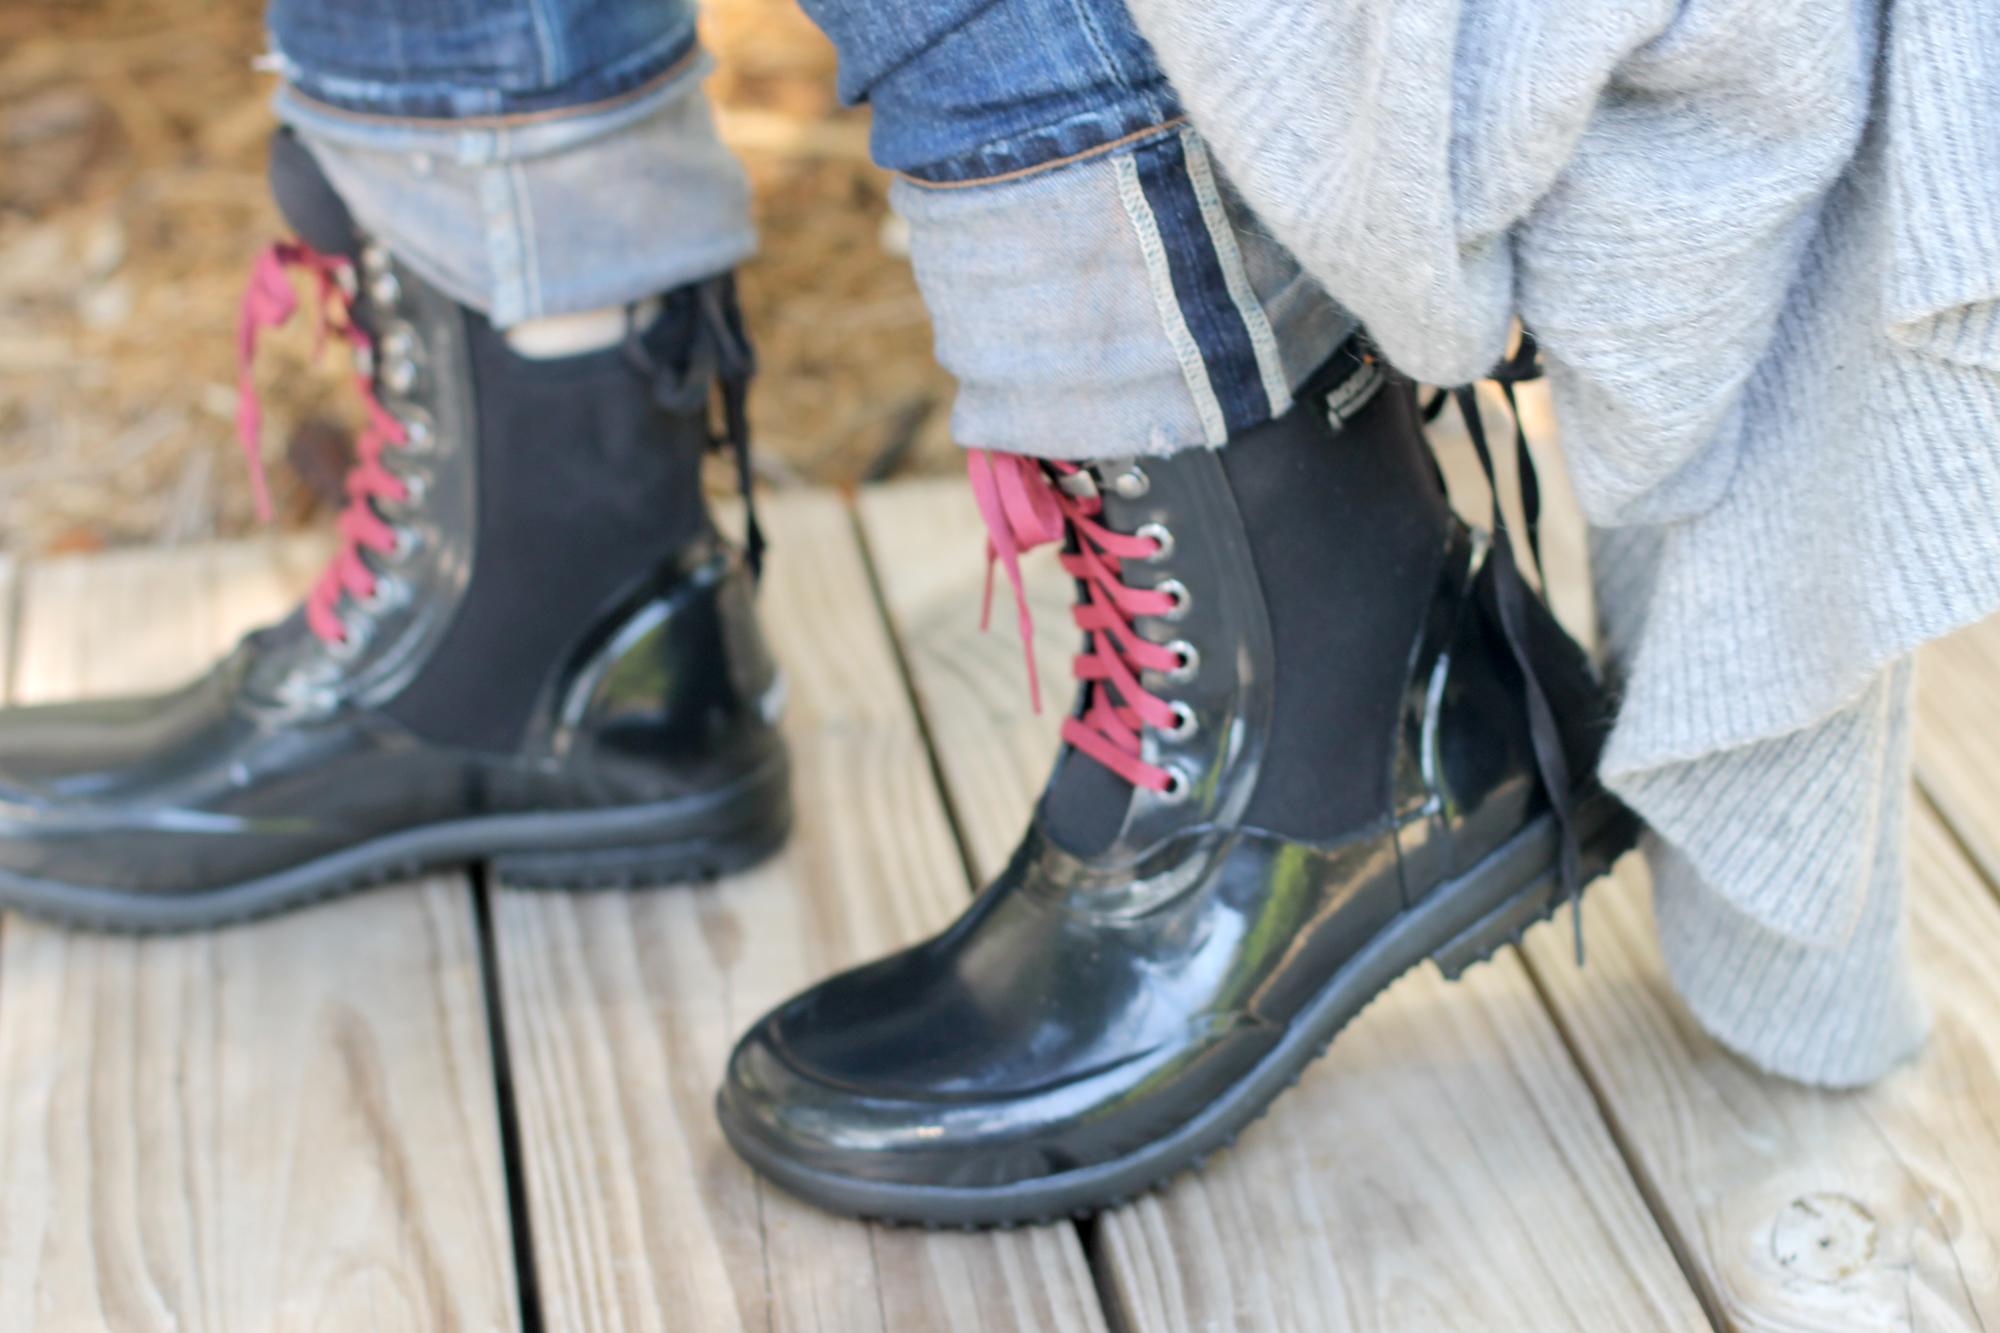 Bogs-Footwear---black-rubber-rain-boots